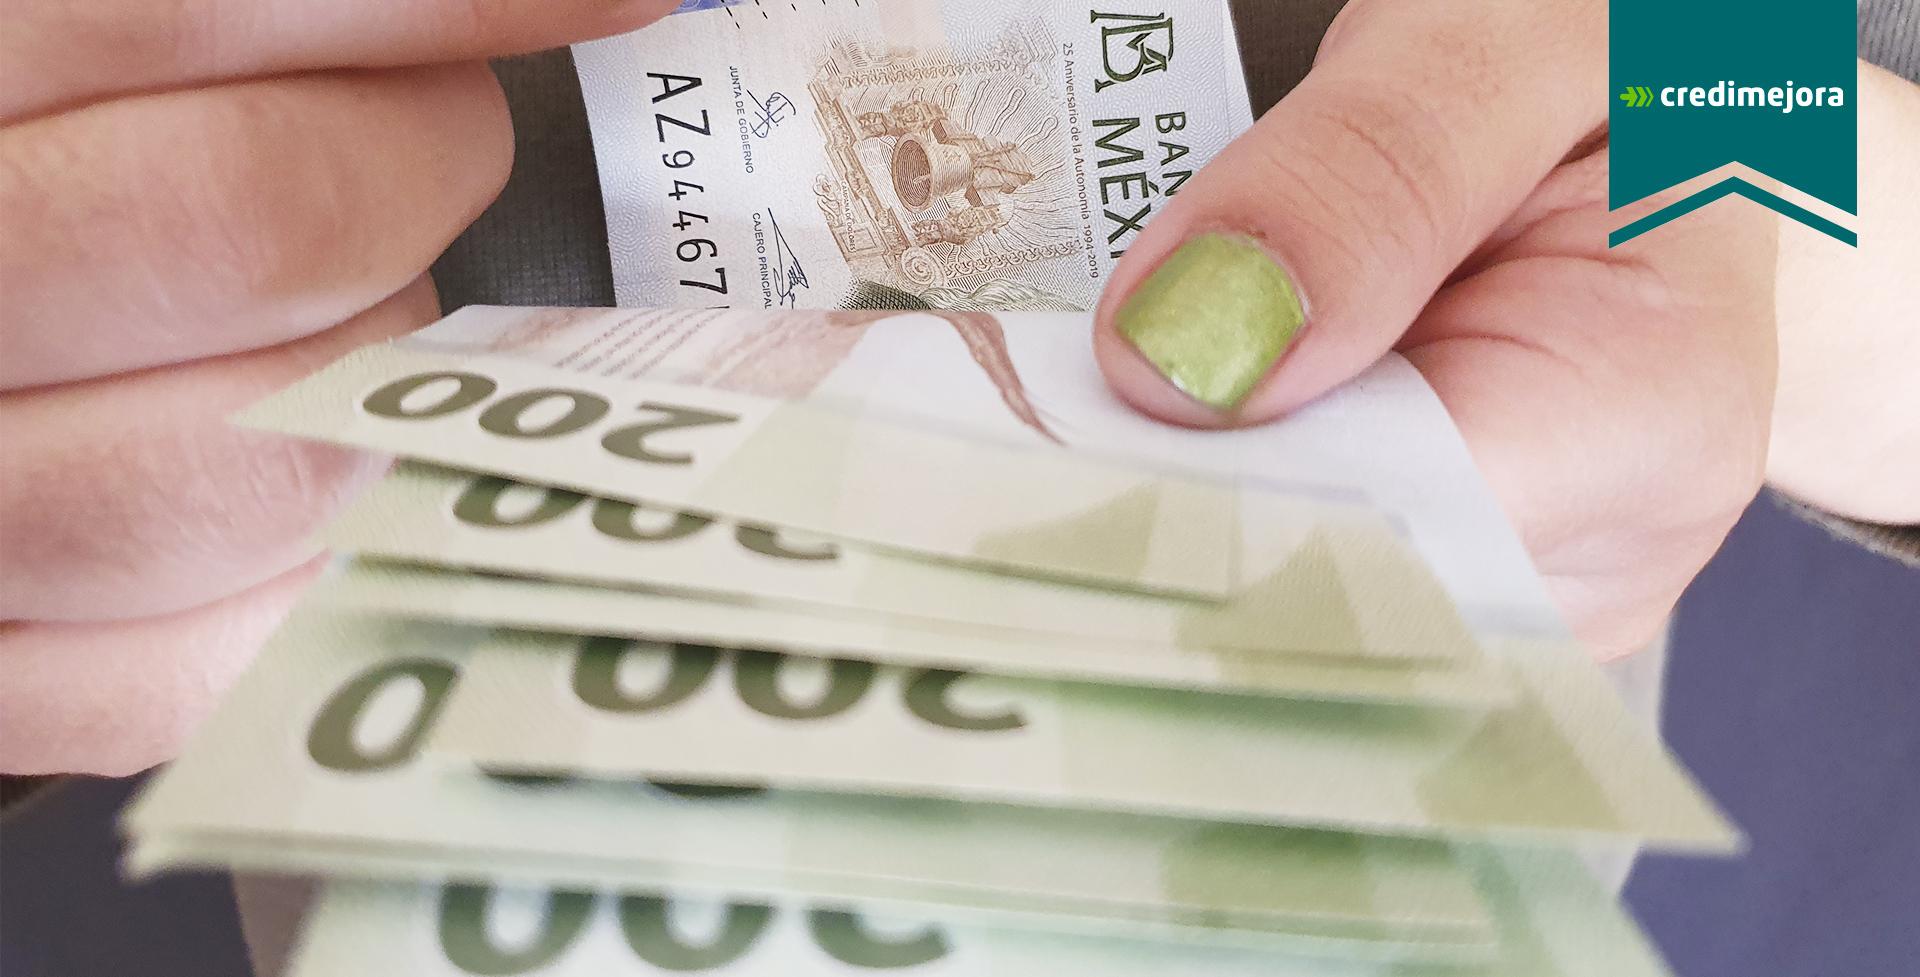 ¿Para qué puedo usar un crédito al hipotecar una casa? | Credimejora